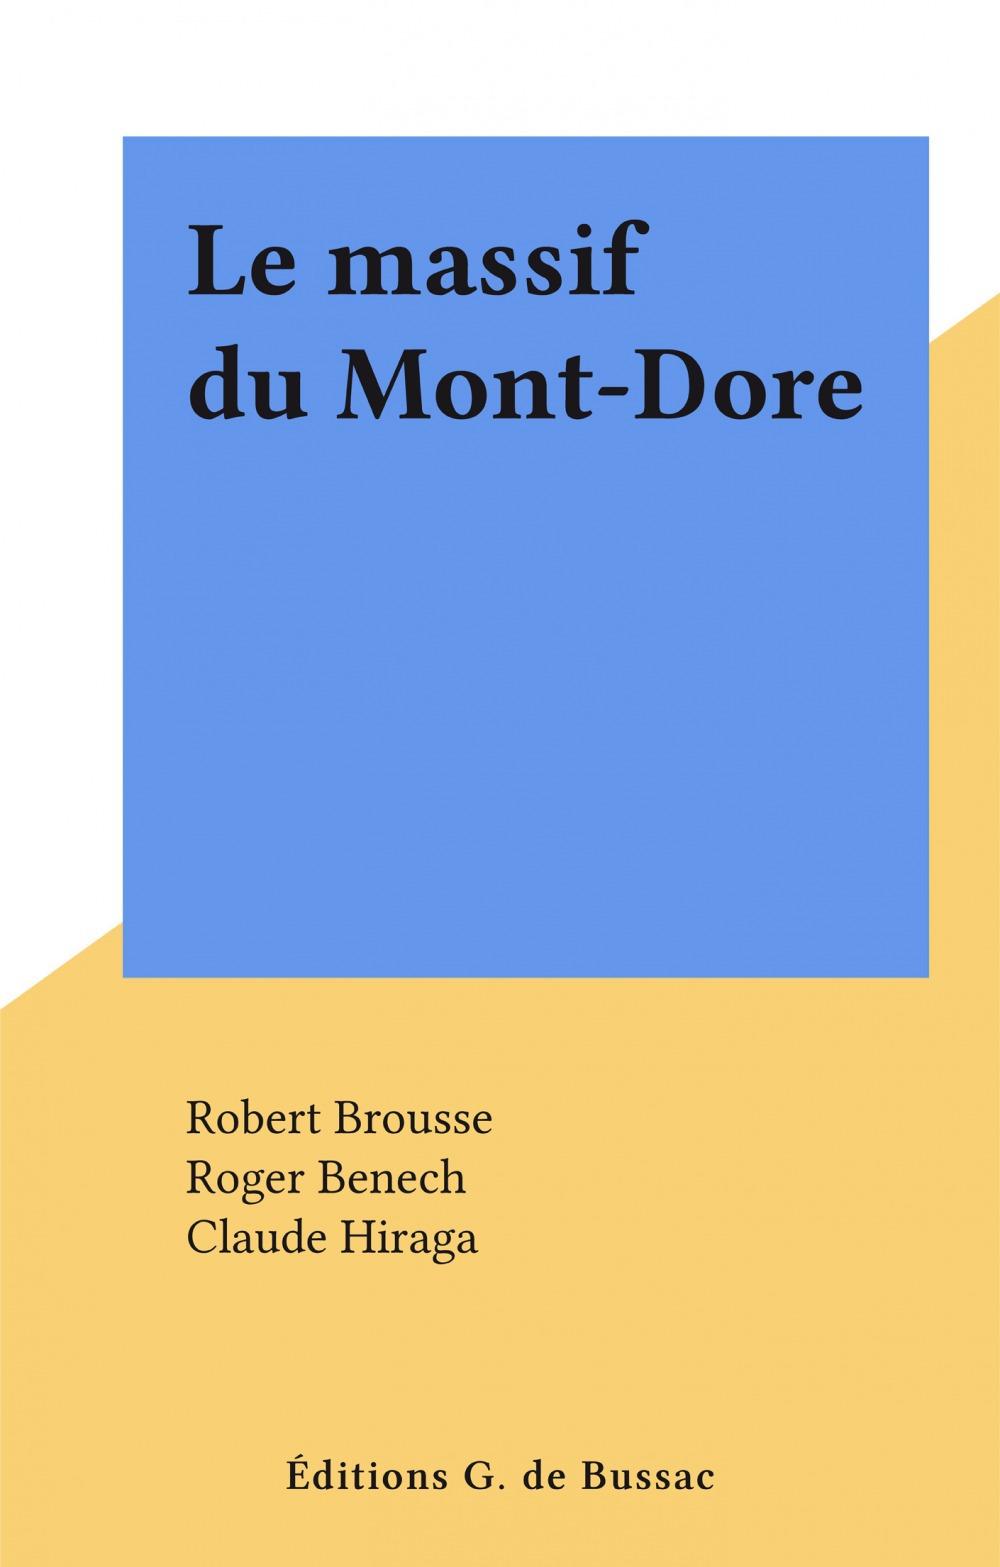 Le massif du Mont-Dore